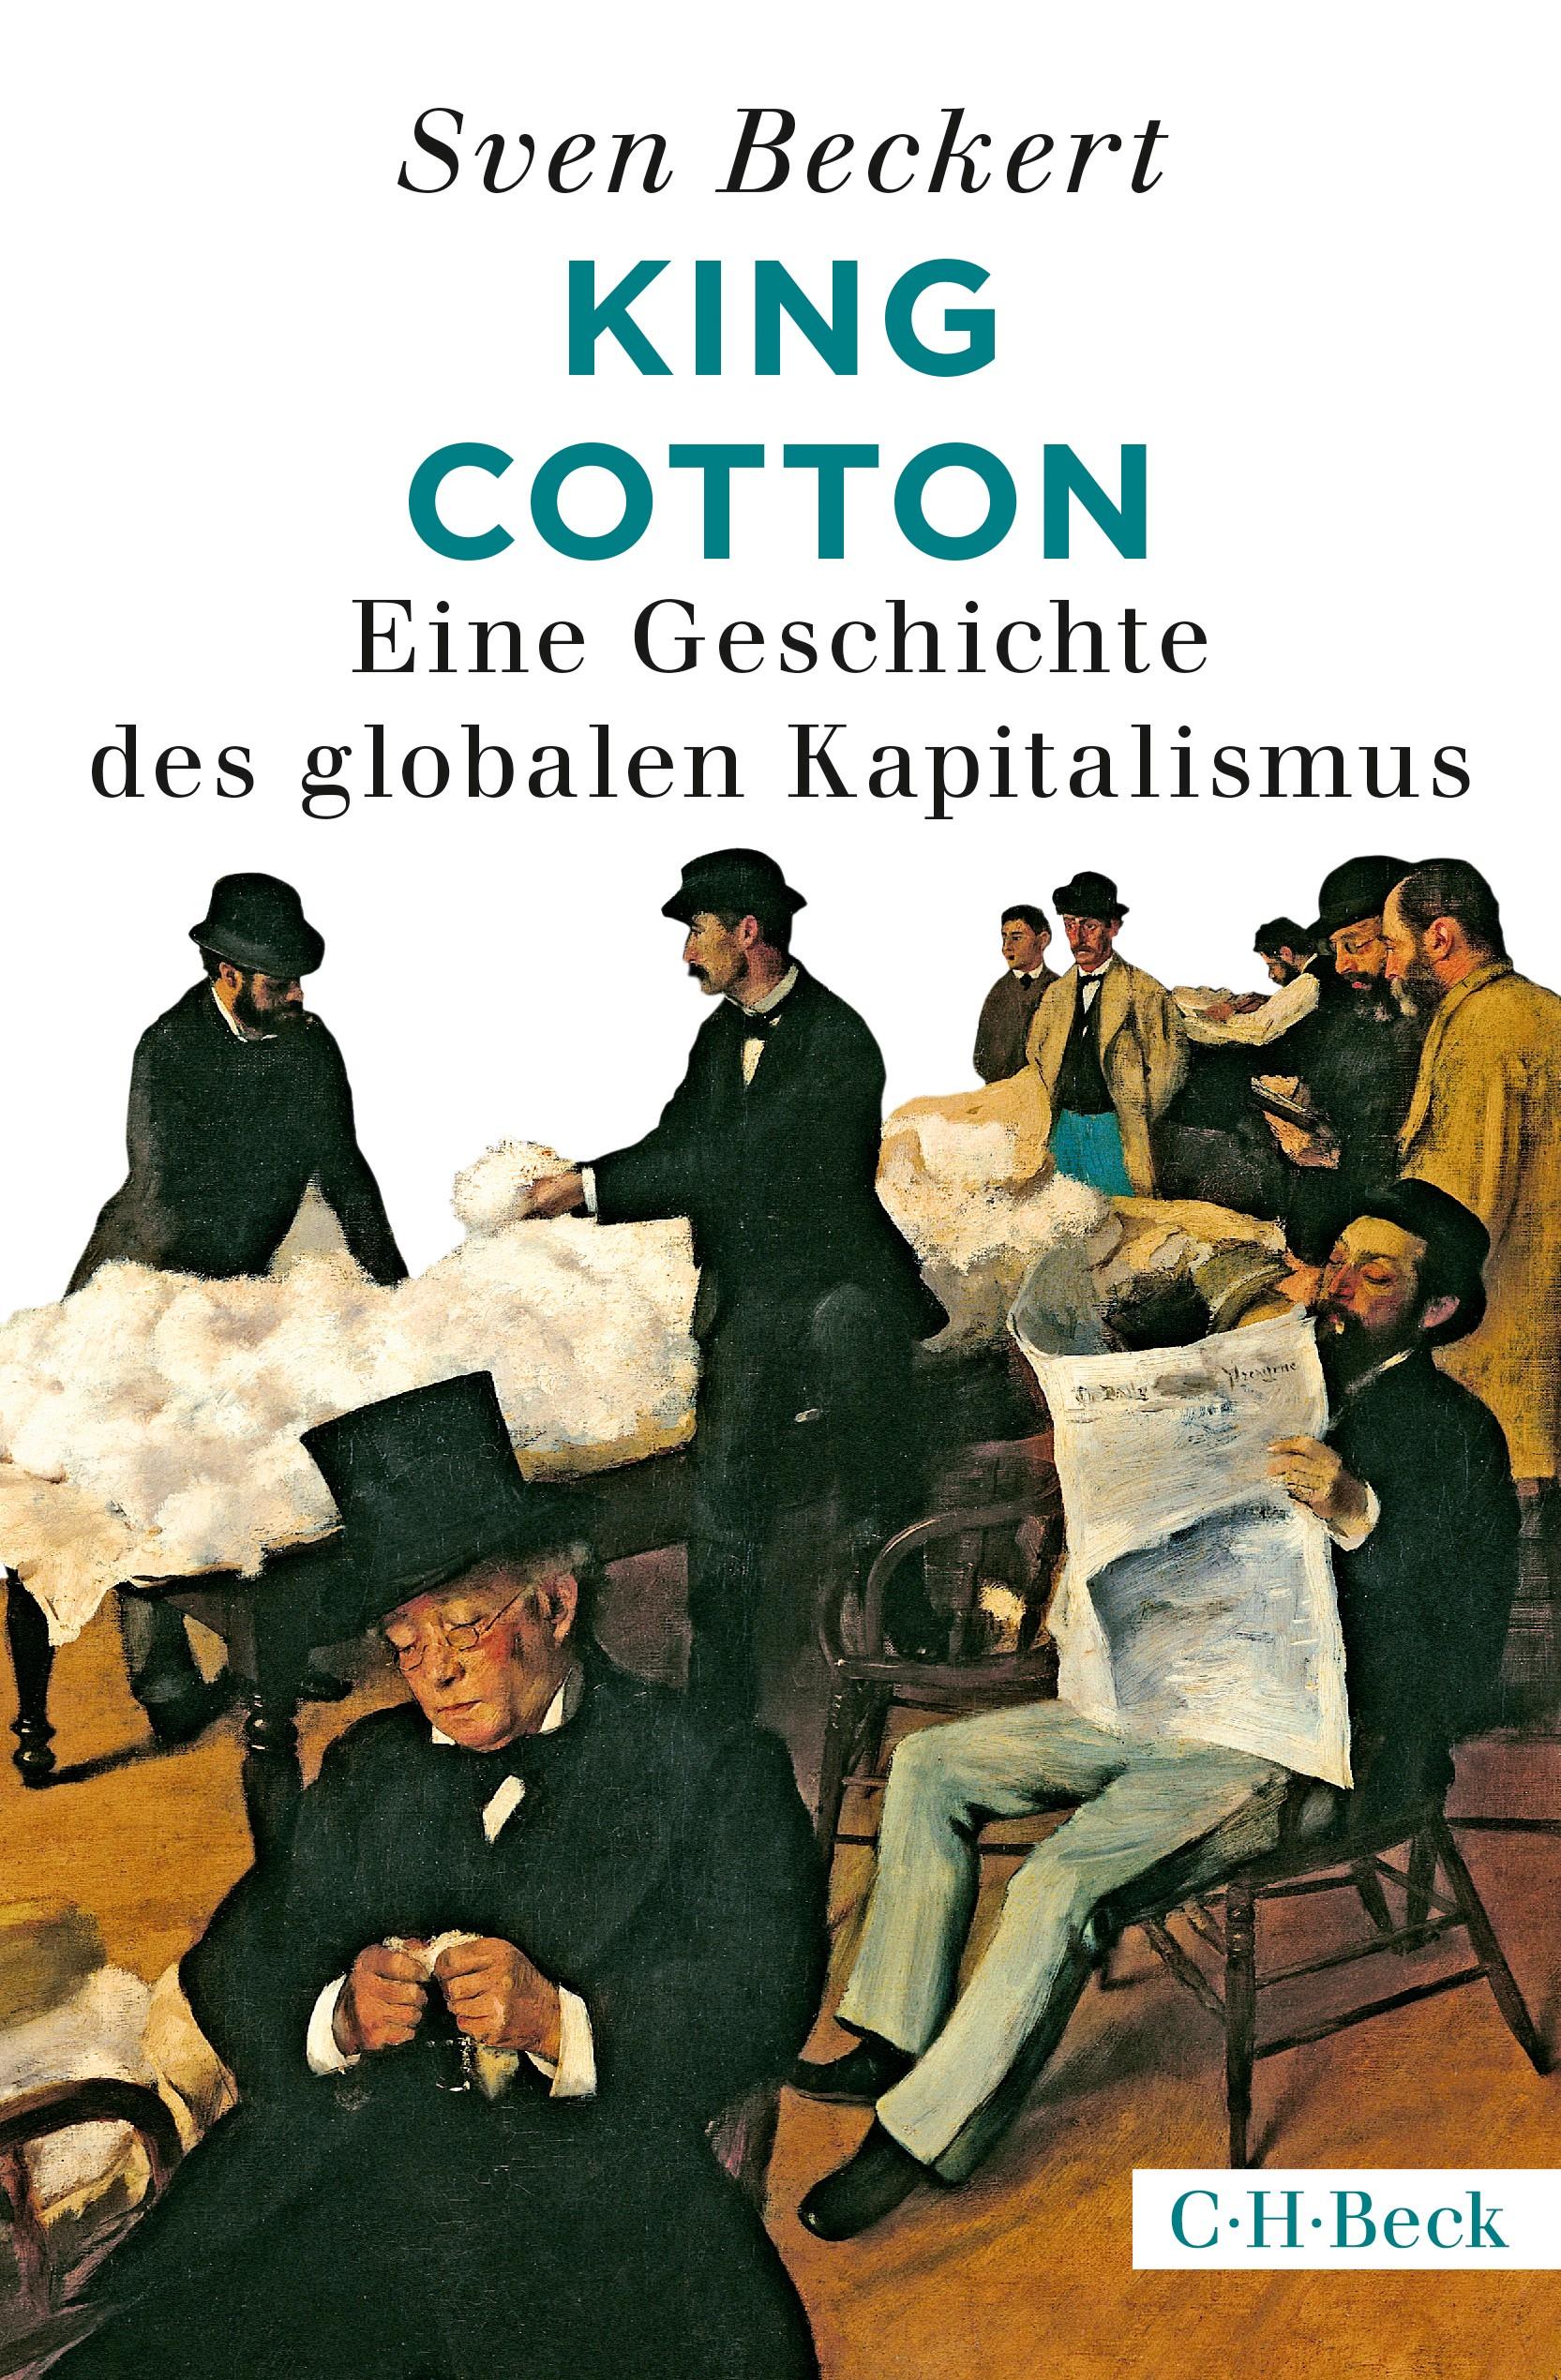 King Cotton | Beckert, Sven, 2019 | Buch (Cover)